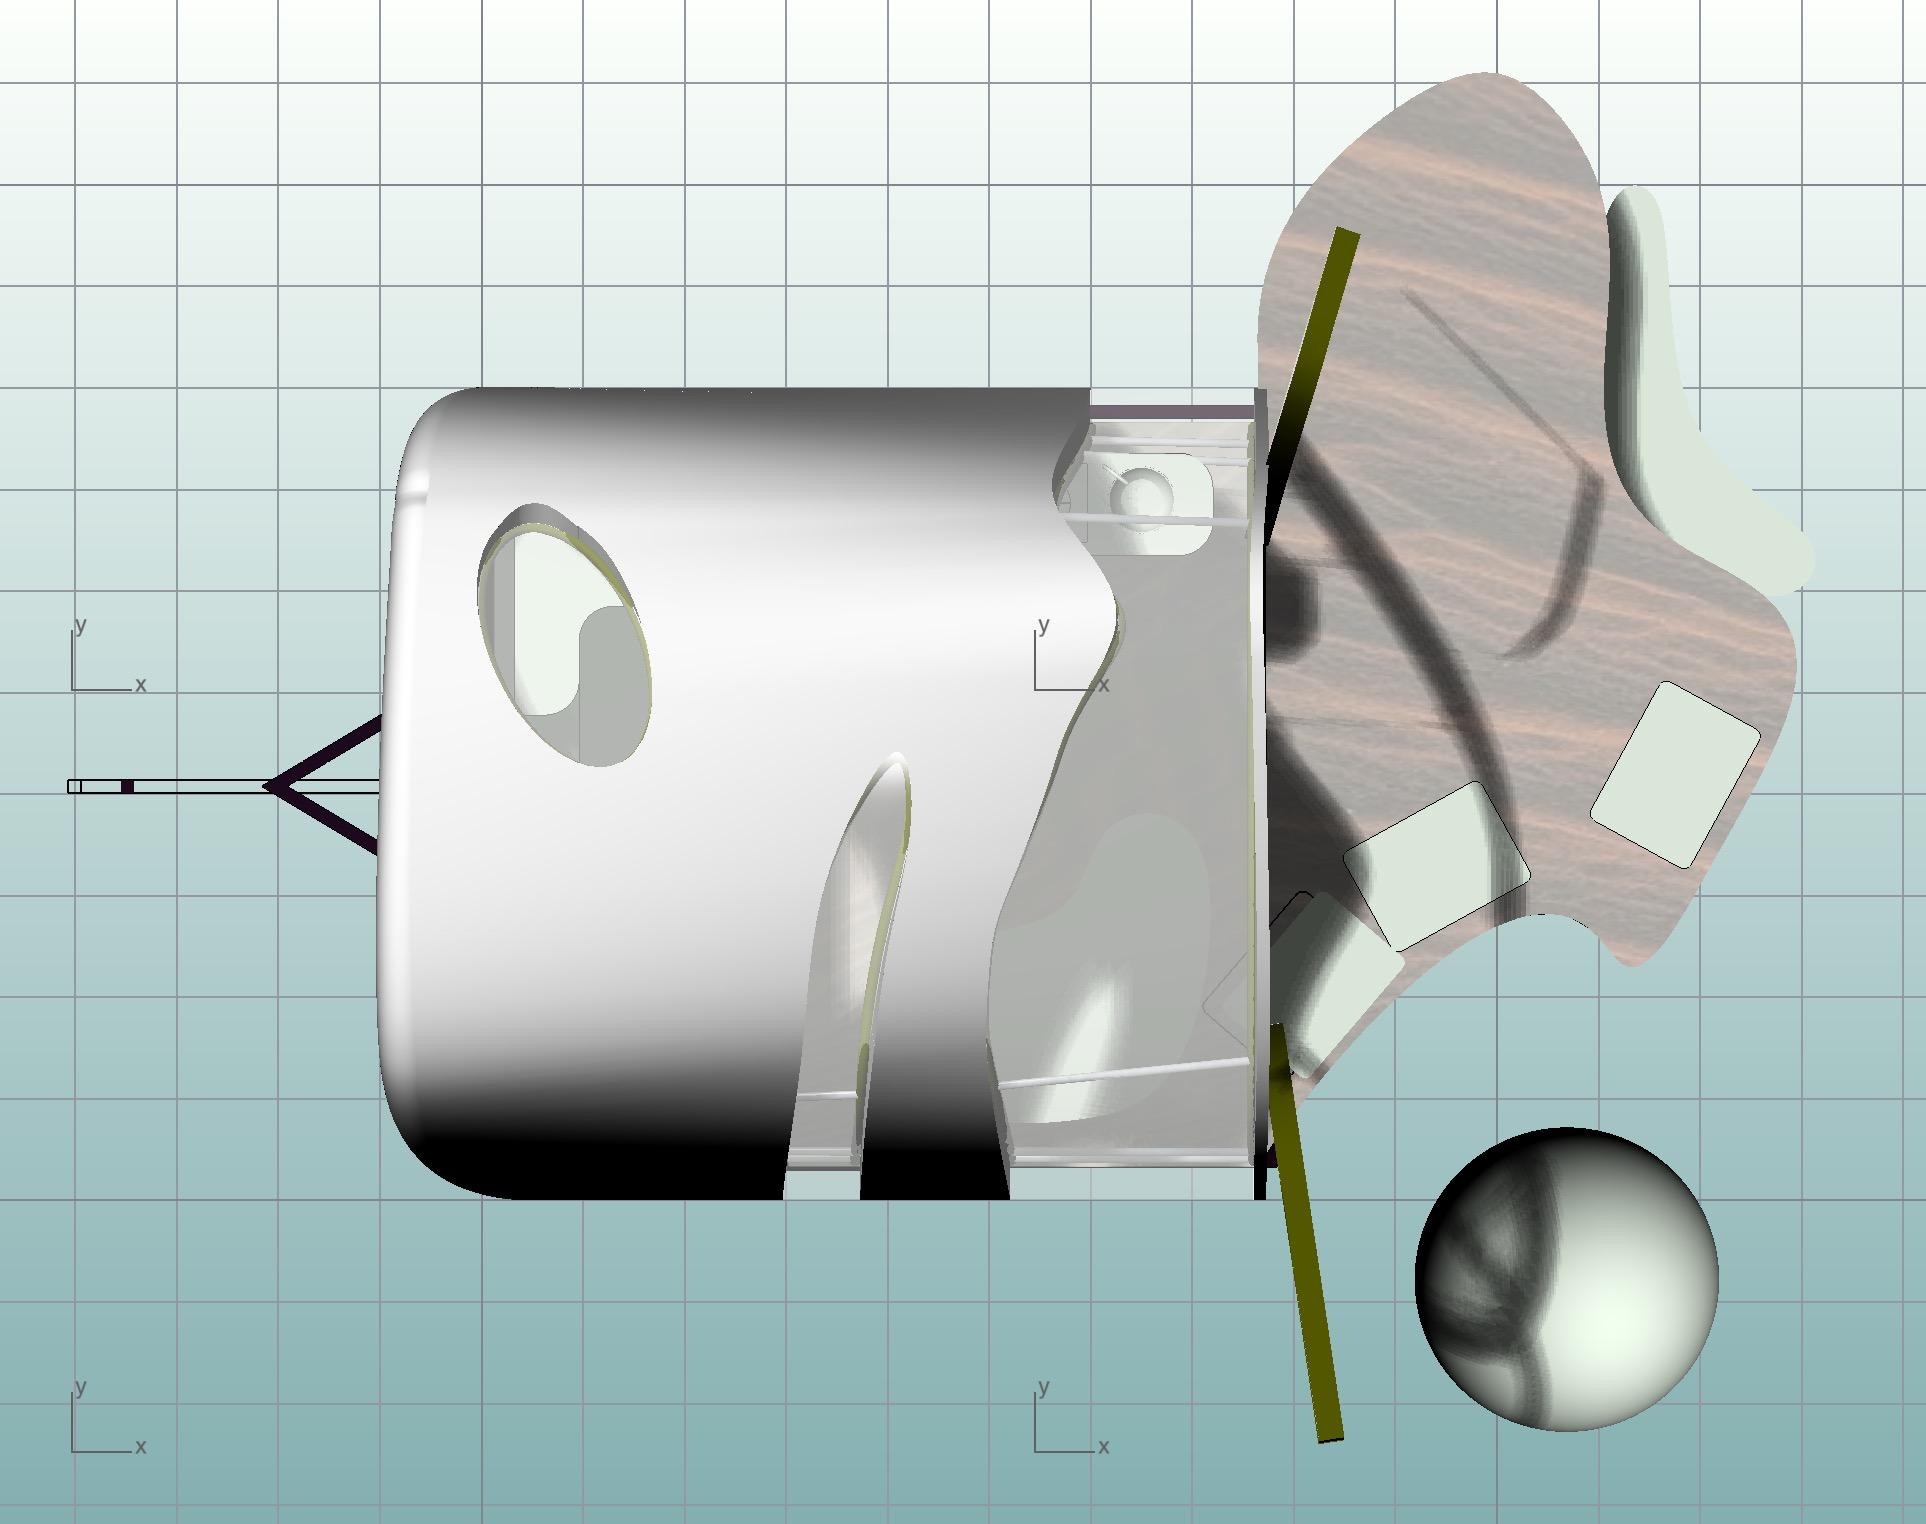 prototype_furnished3